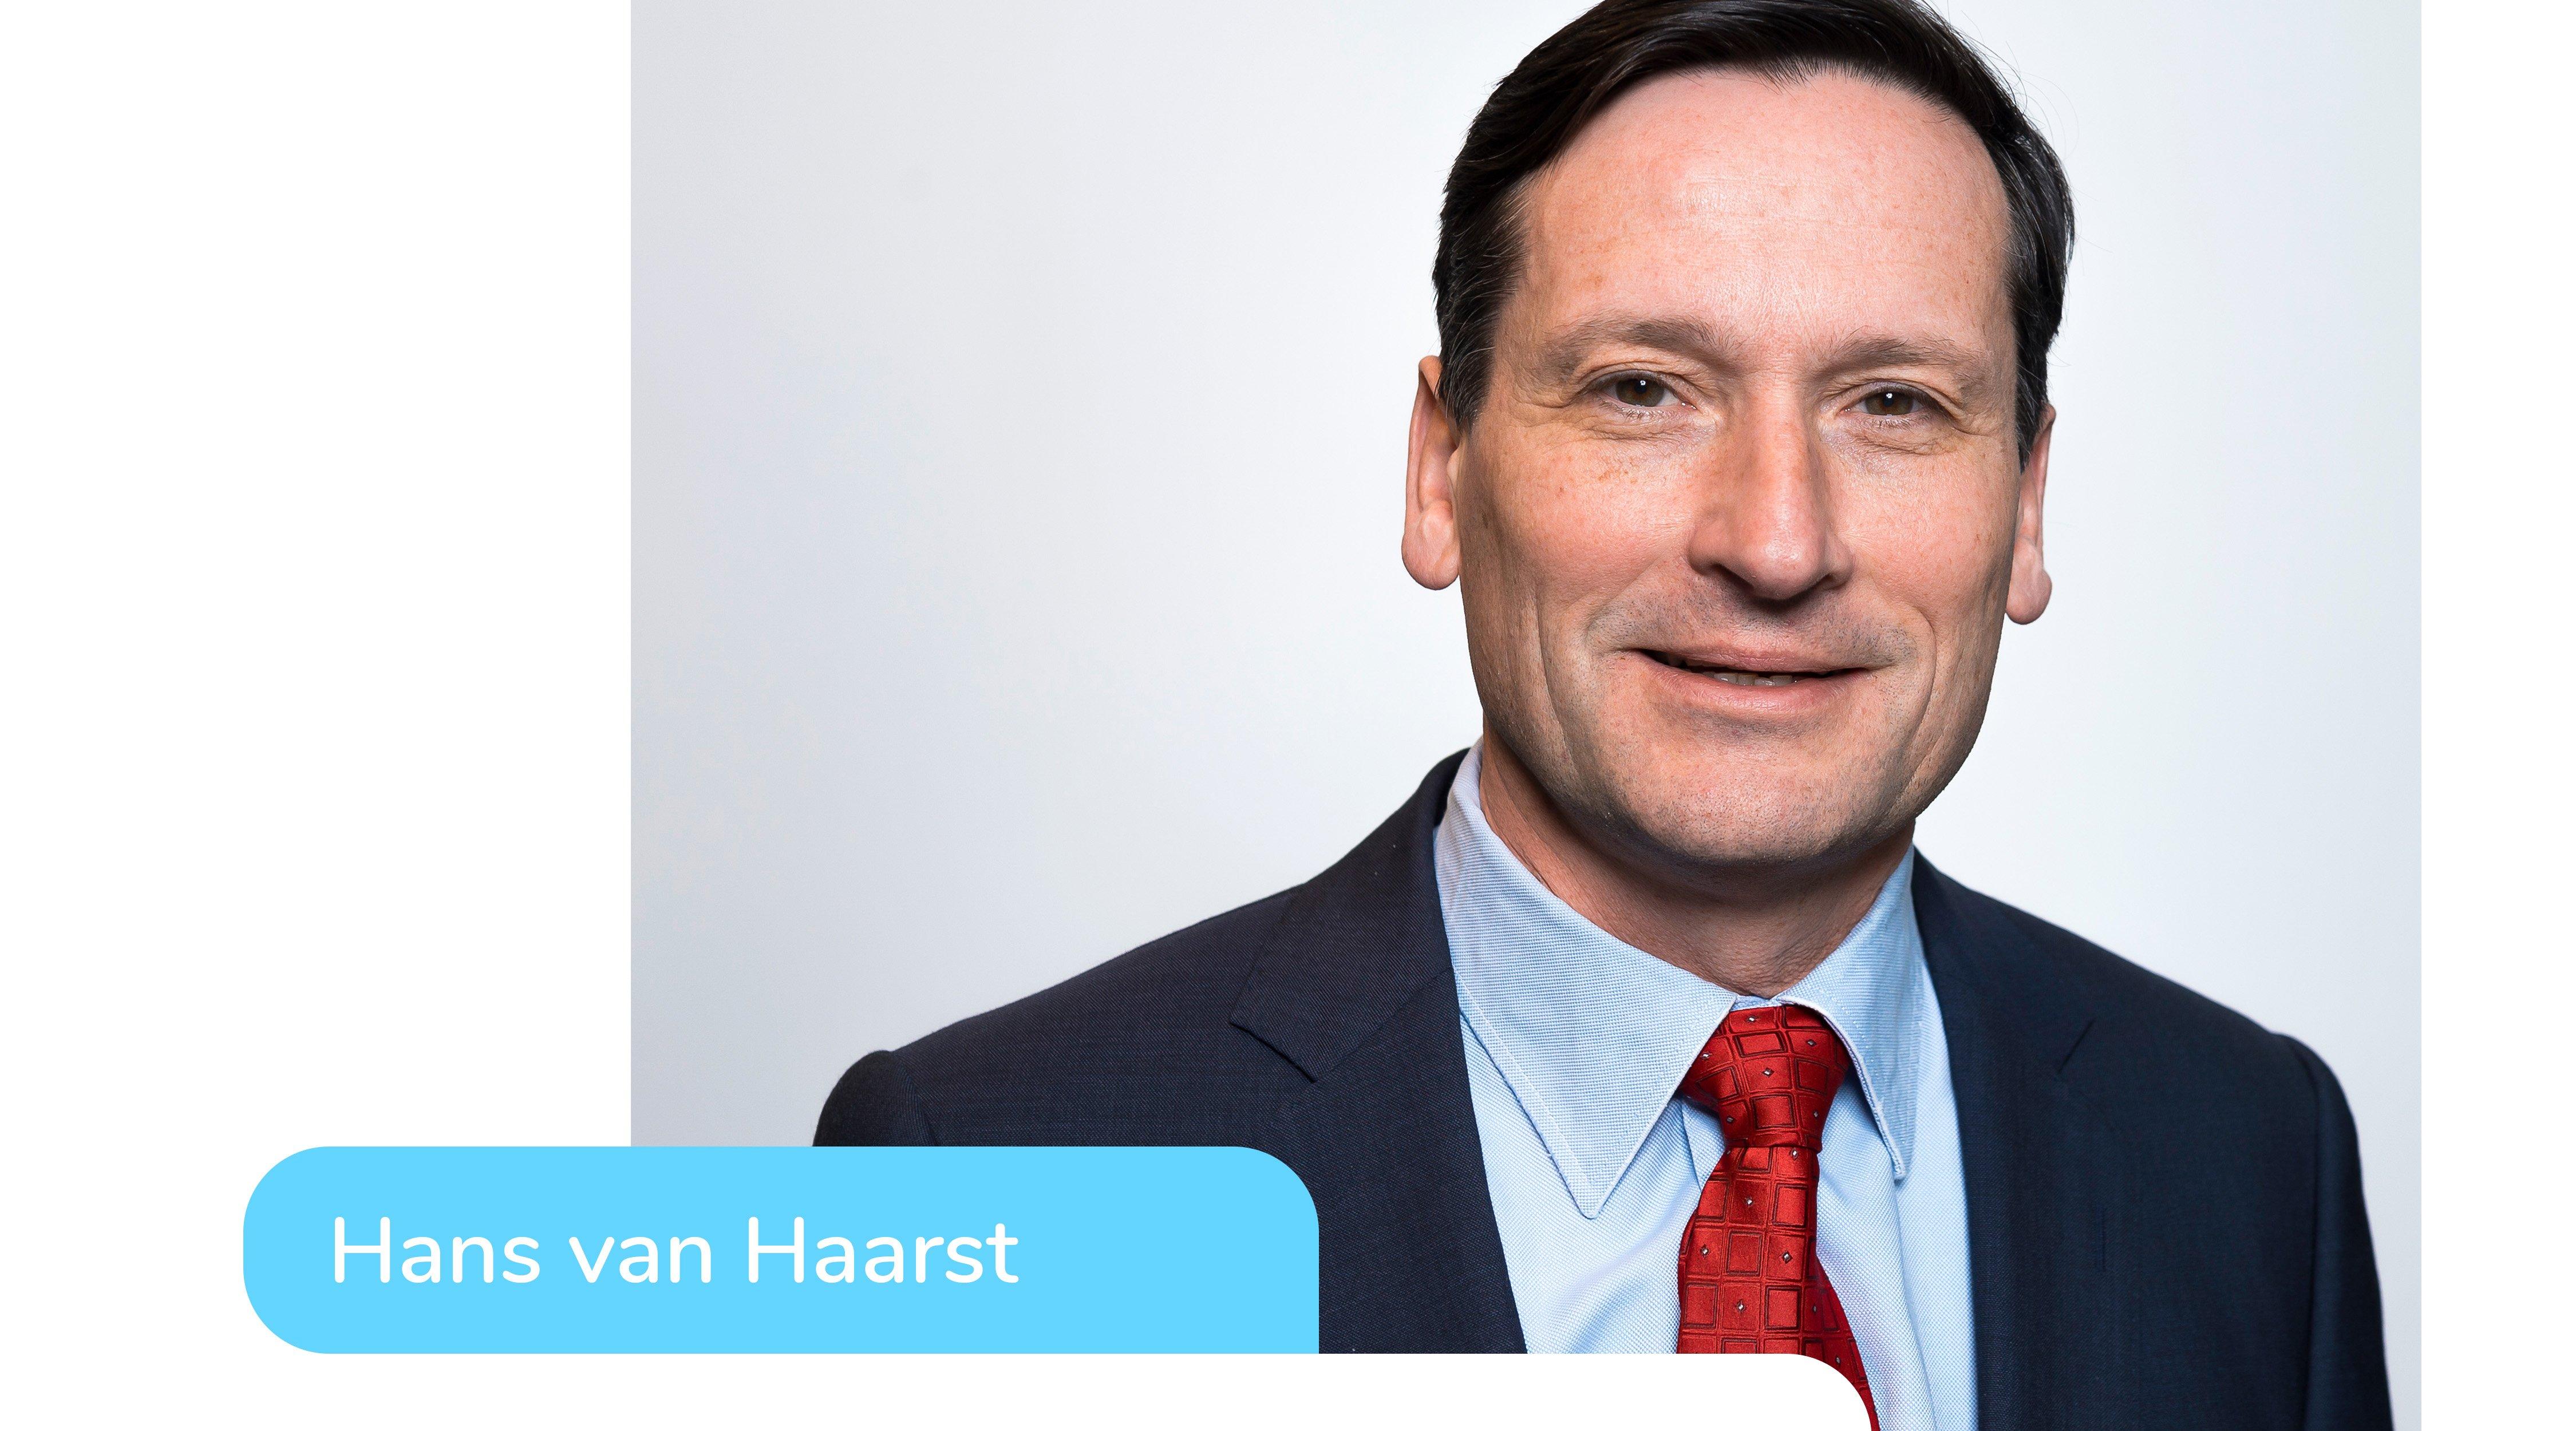 CEO_SmitZoon_Hans van Haarst.jpg